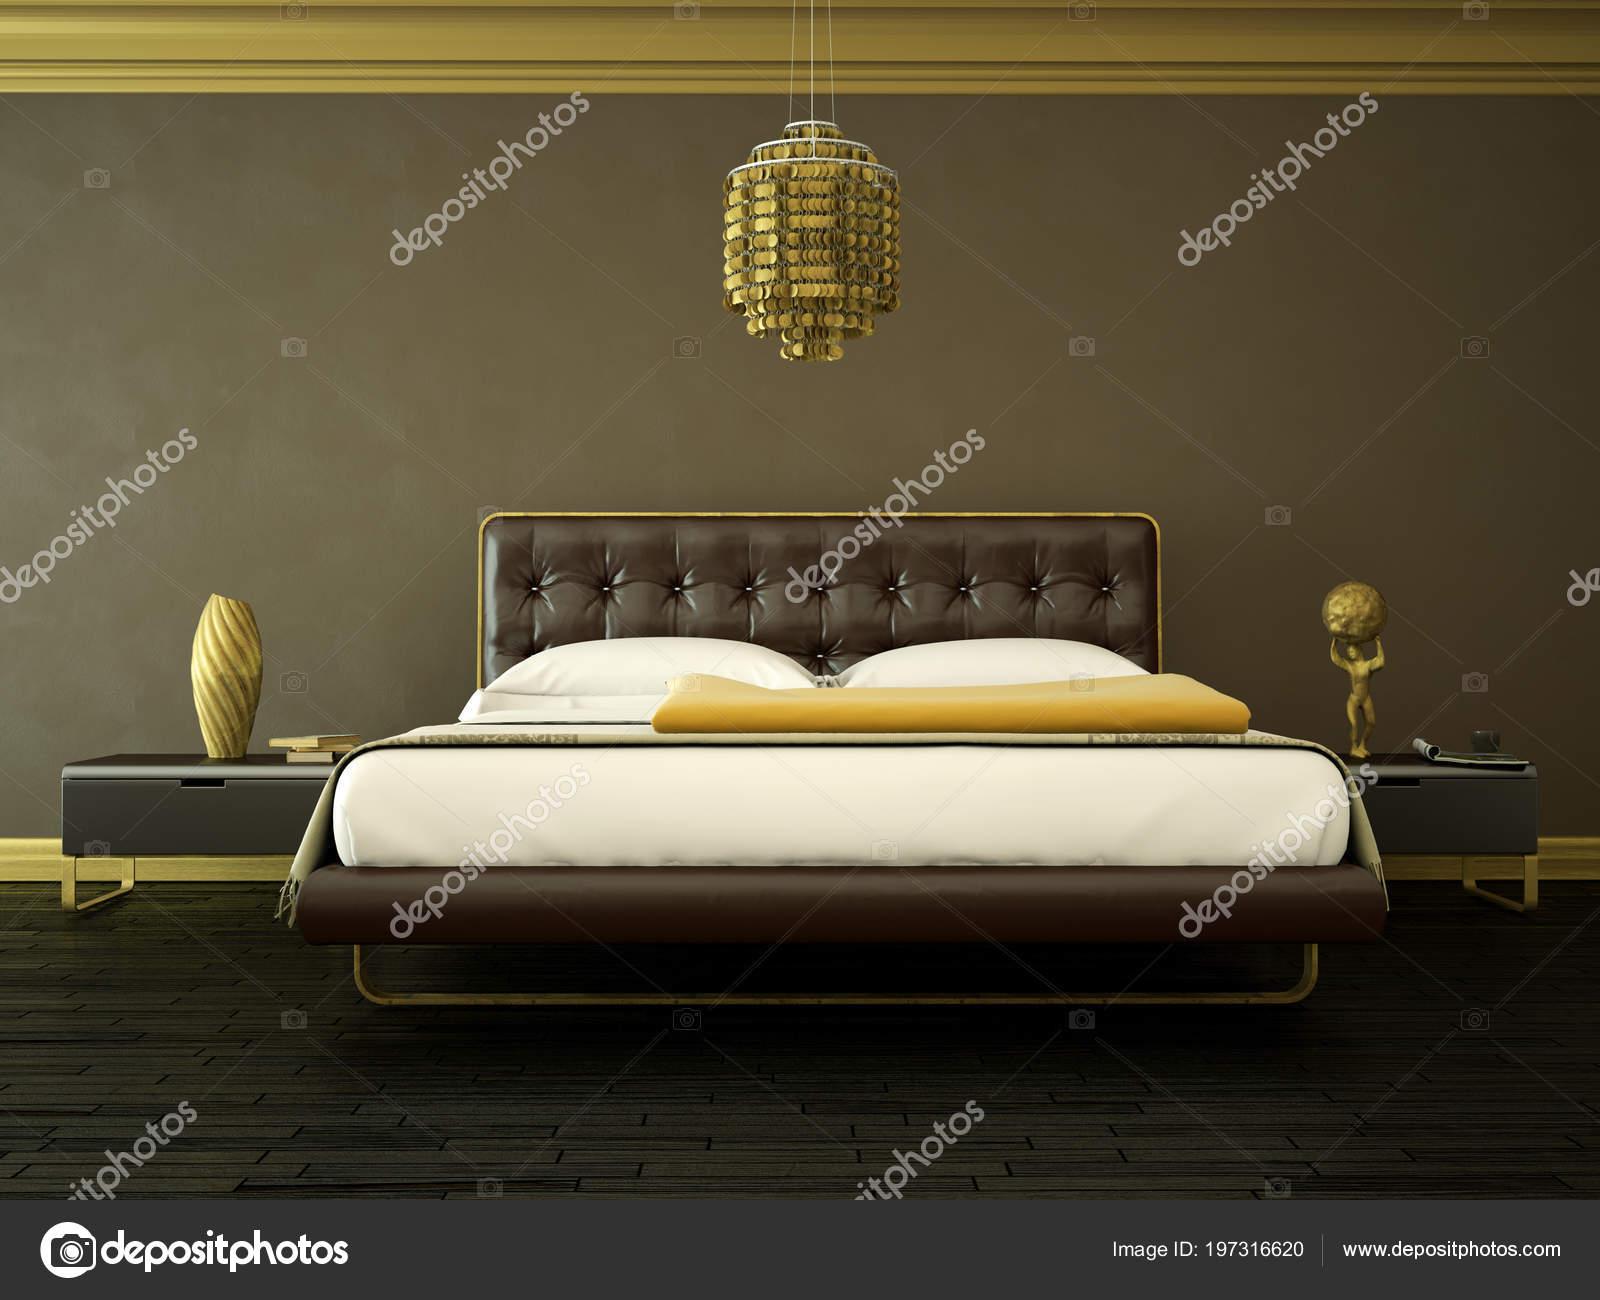 Arredamento Camera Da Letto Marrone : Camera da letto moderna con la parete marrone e arredamento moderno